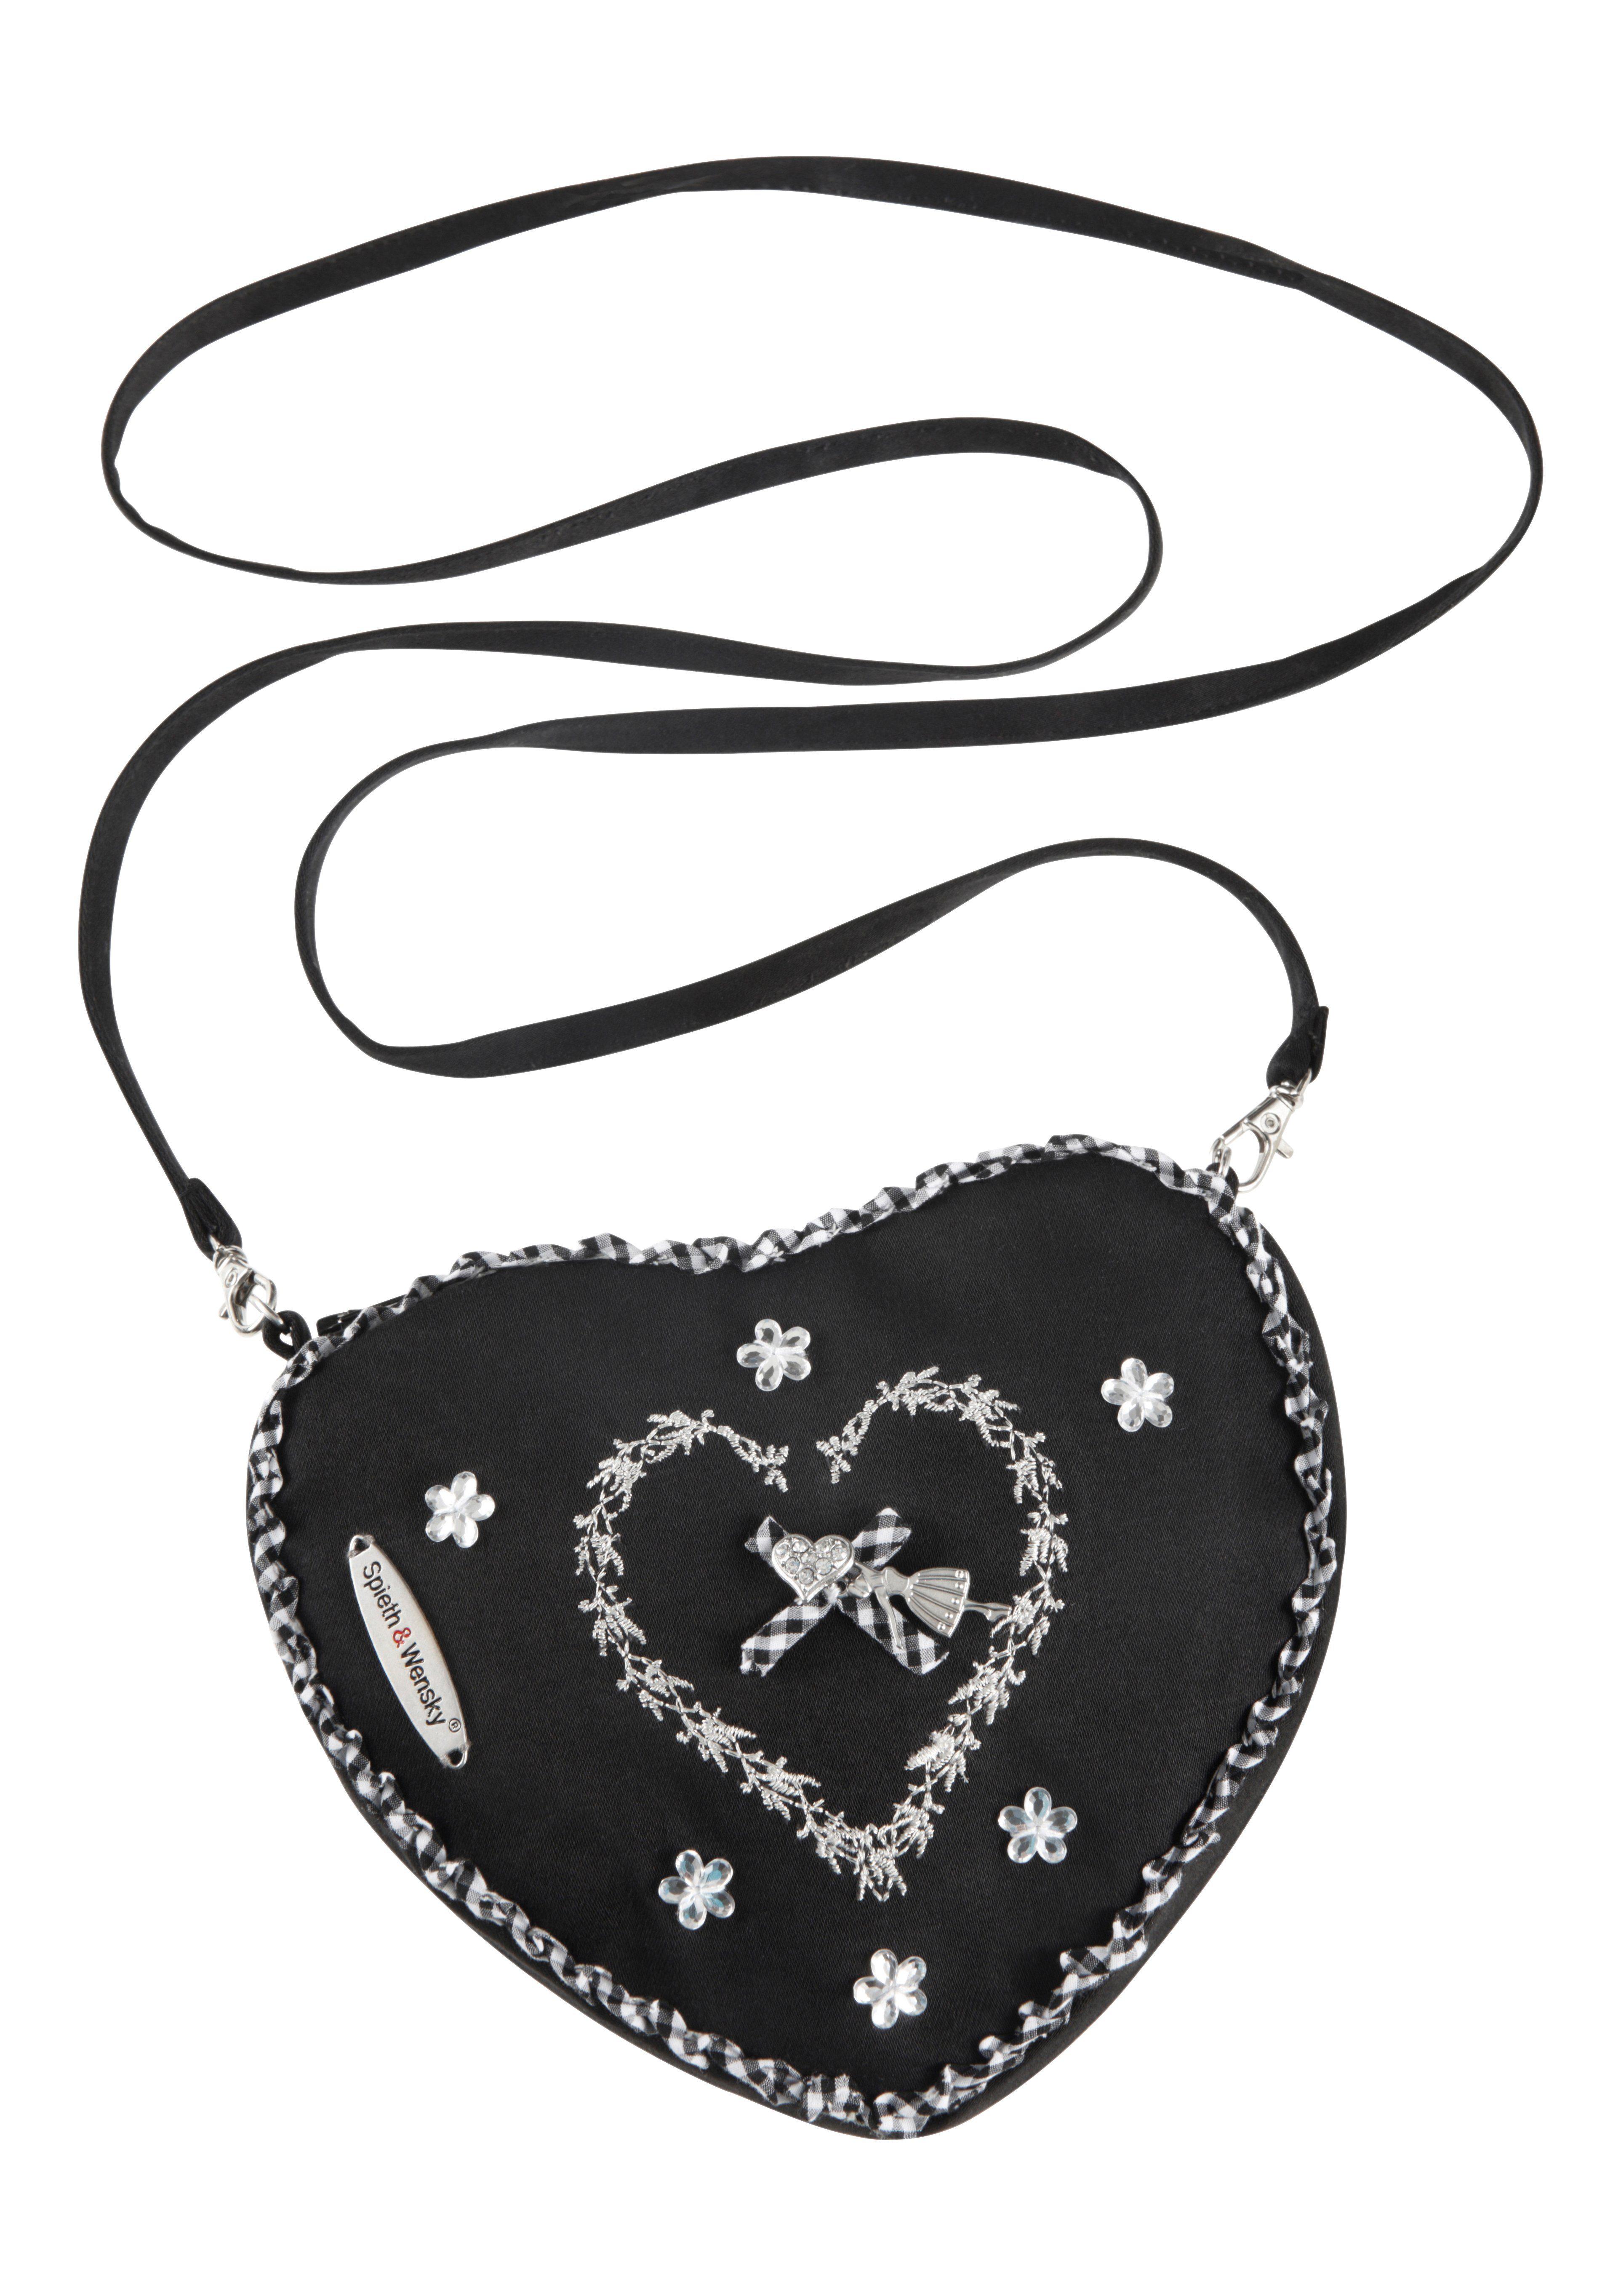 Trachtentasche in Herzform, Spieth & Wensky